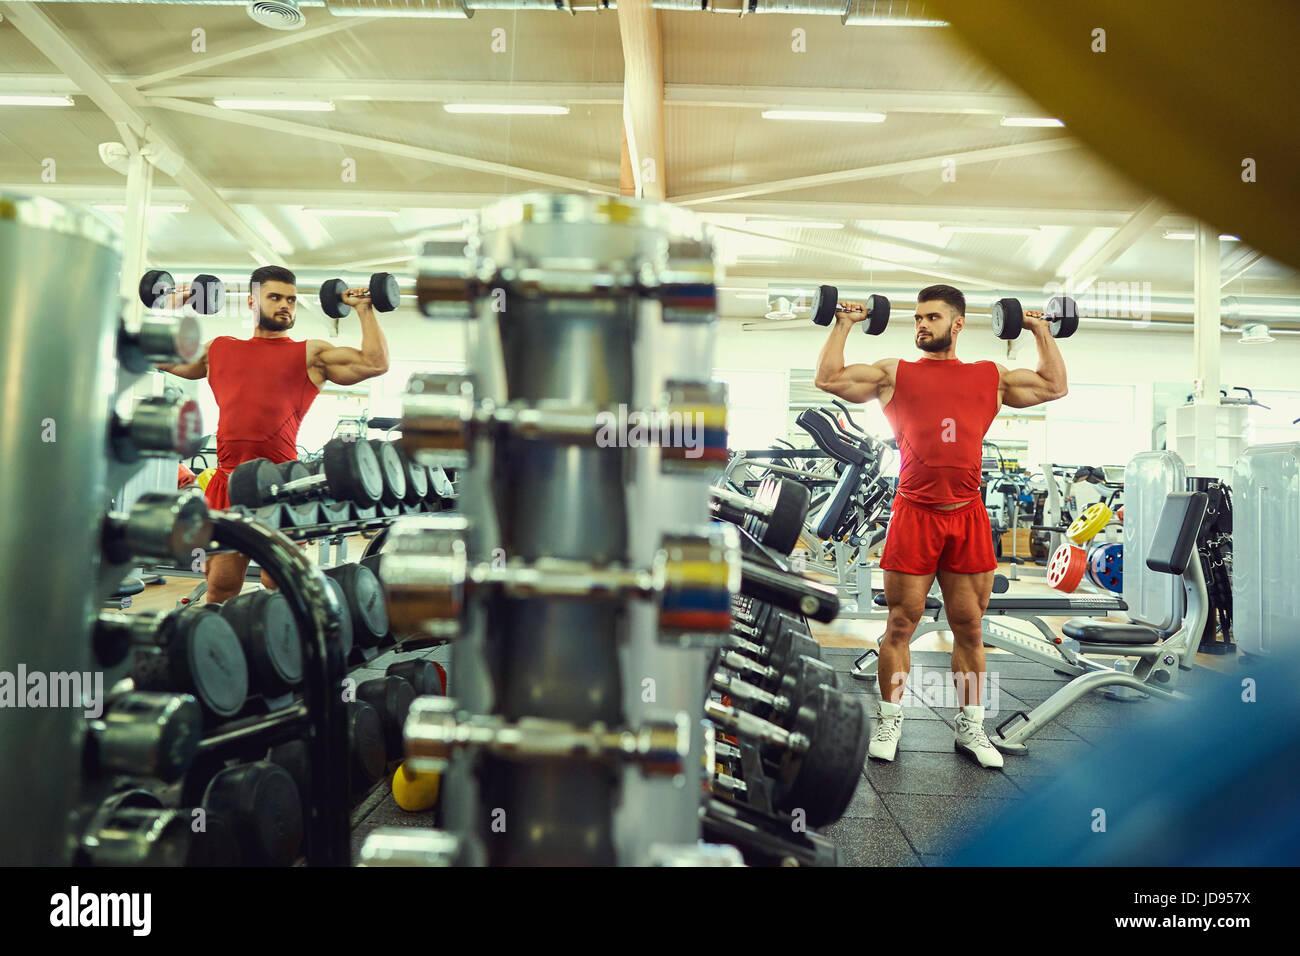 Culturista hacer ejercicios con pesas en el gimnasio. Imagen De Stock